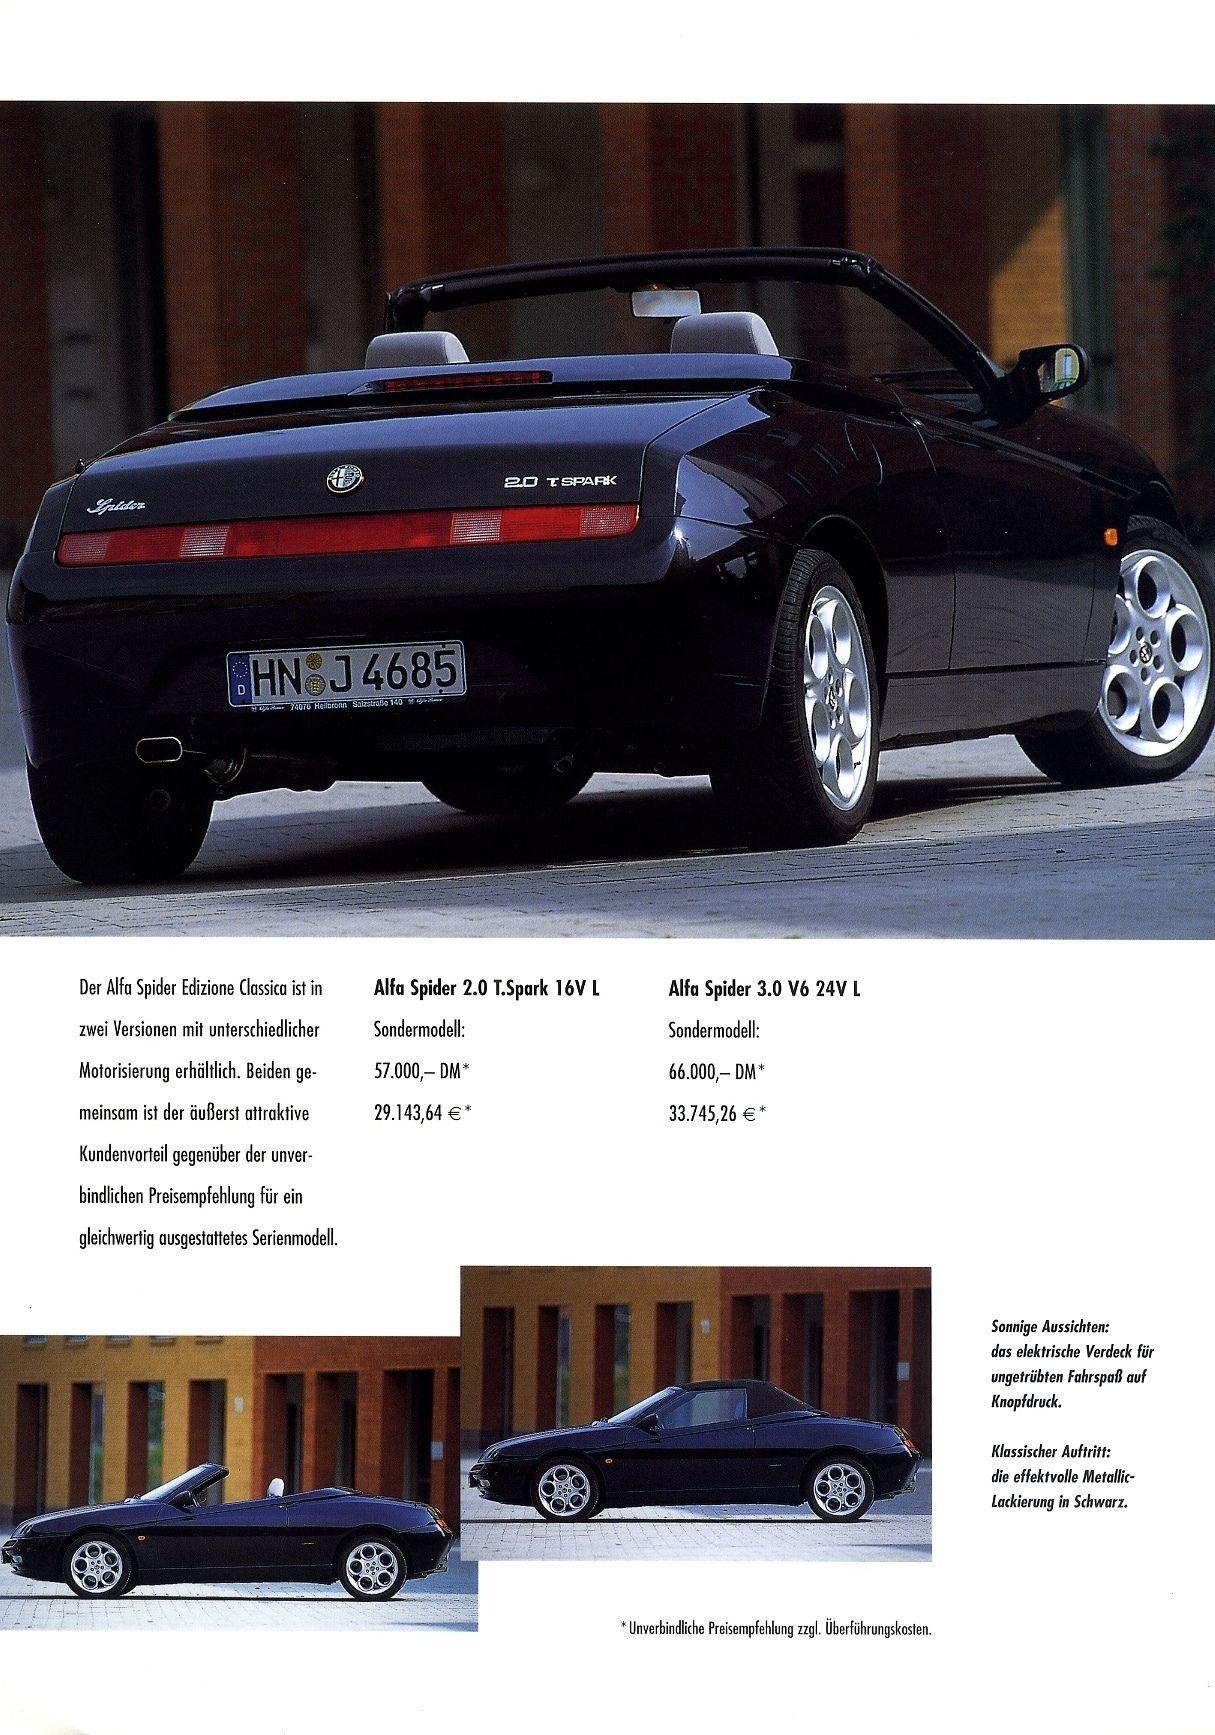 Edizione Classica Spider SS Elegant 2001 Yaroslav Bozhdynsky s